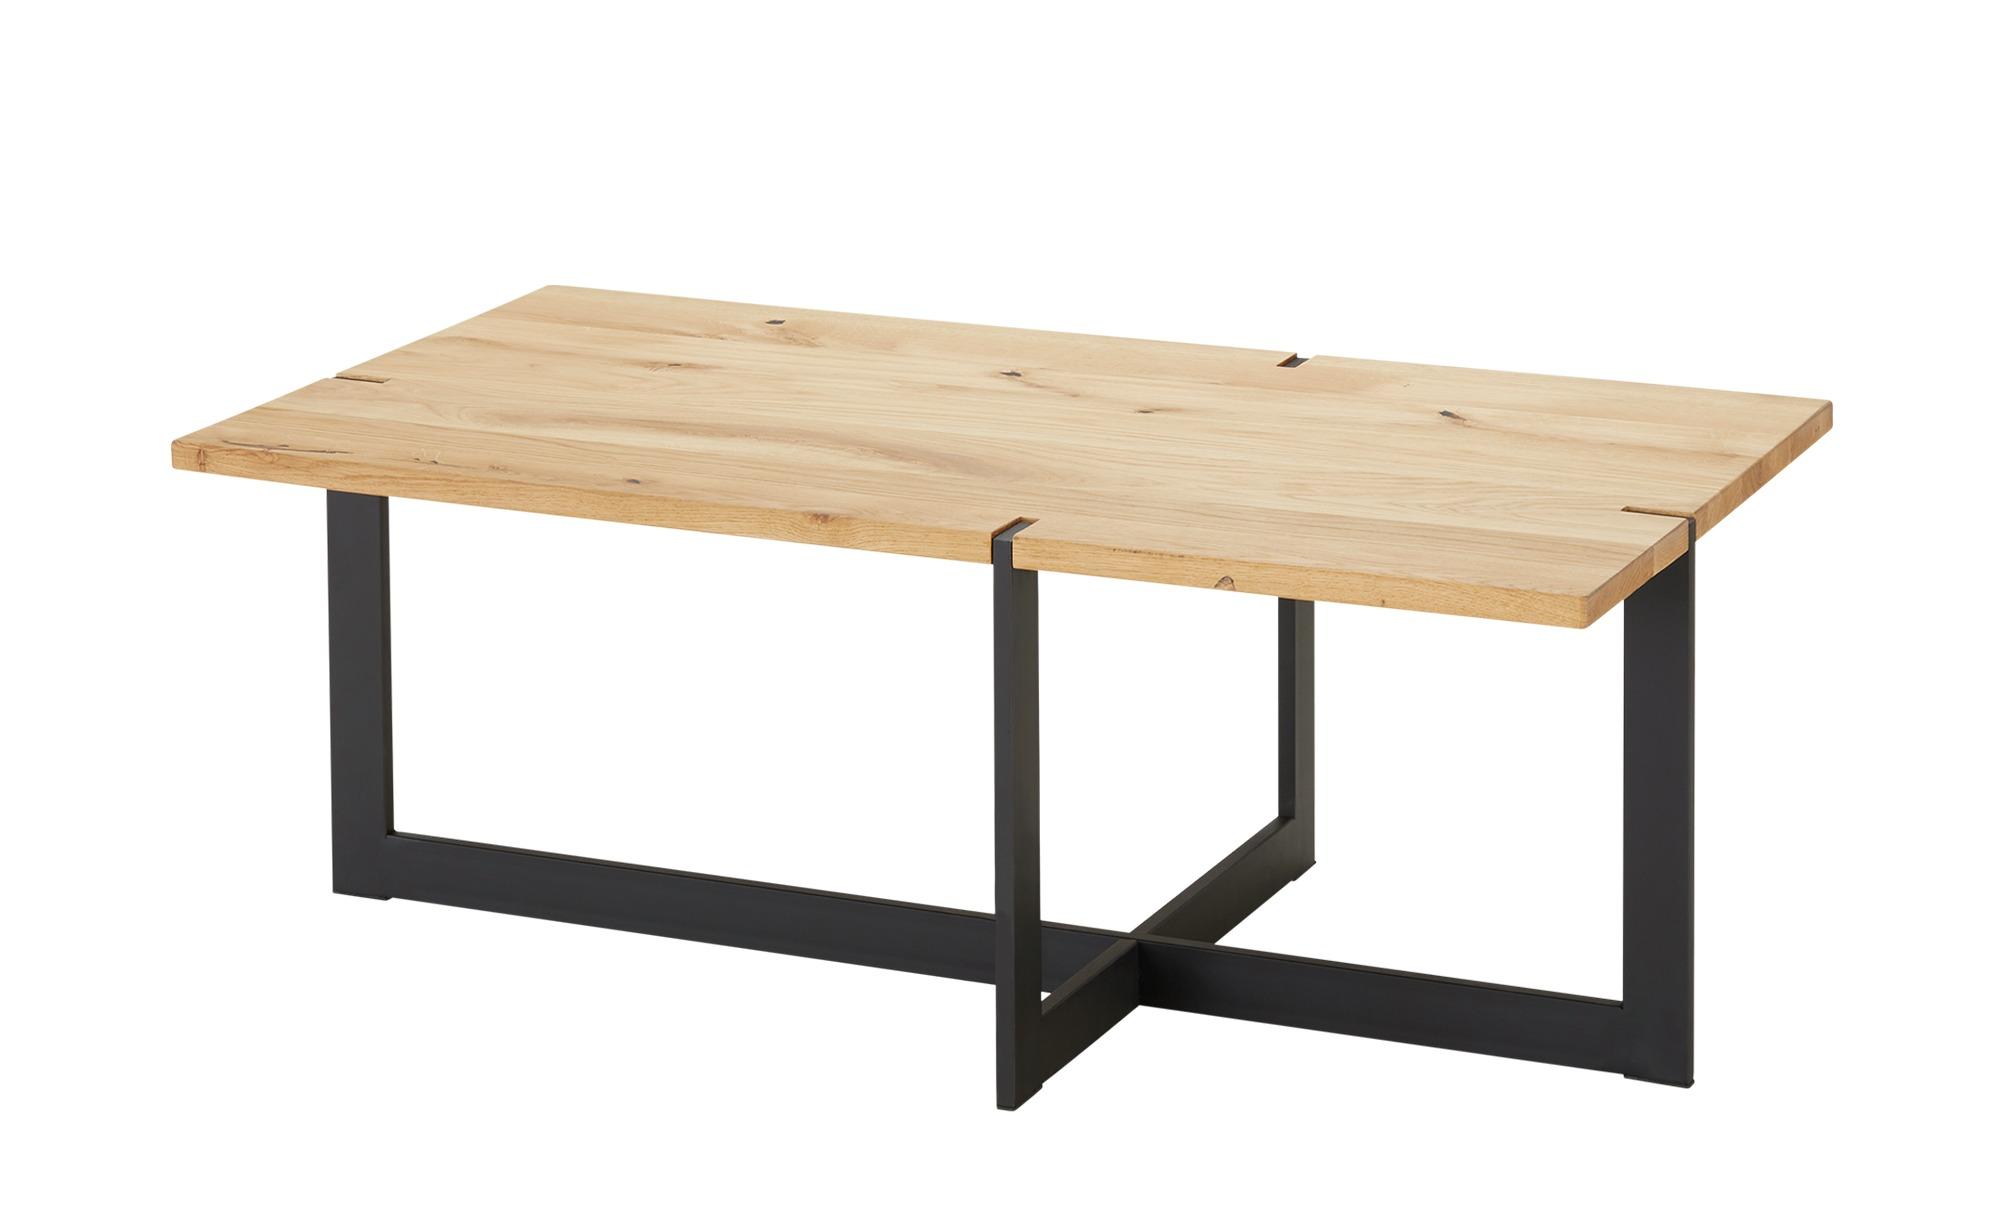 Couchtisch  Schönau ¦ holzfarben ¦ Maße (cm): B: 60 H: 40 Tische > Couchtische > Couchtisch Massivholz - Höffner